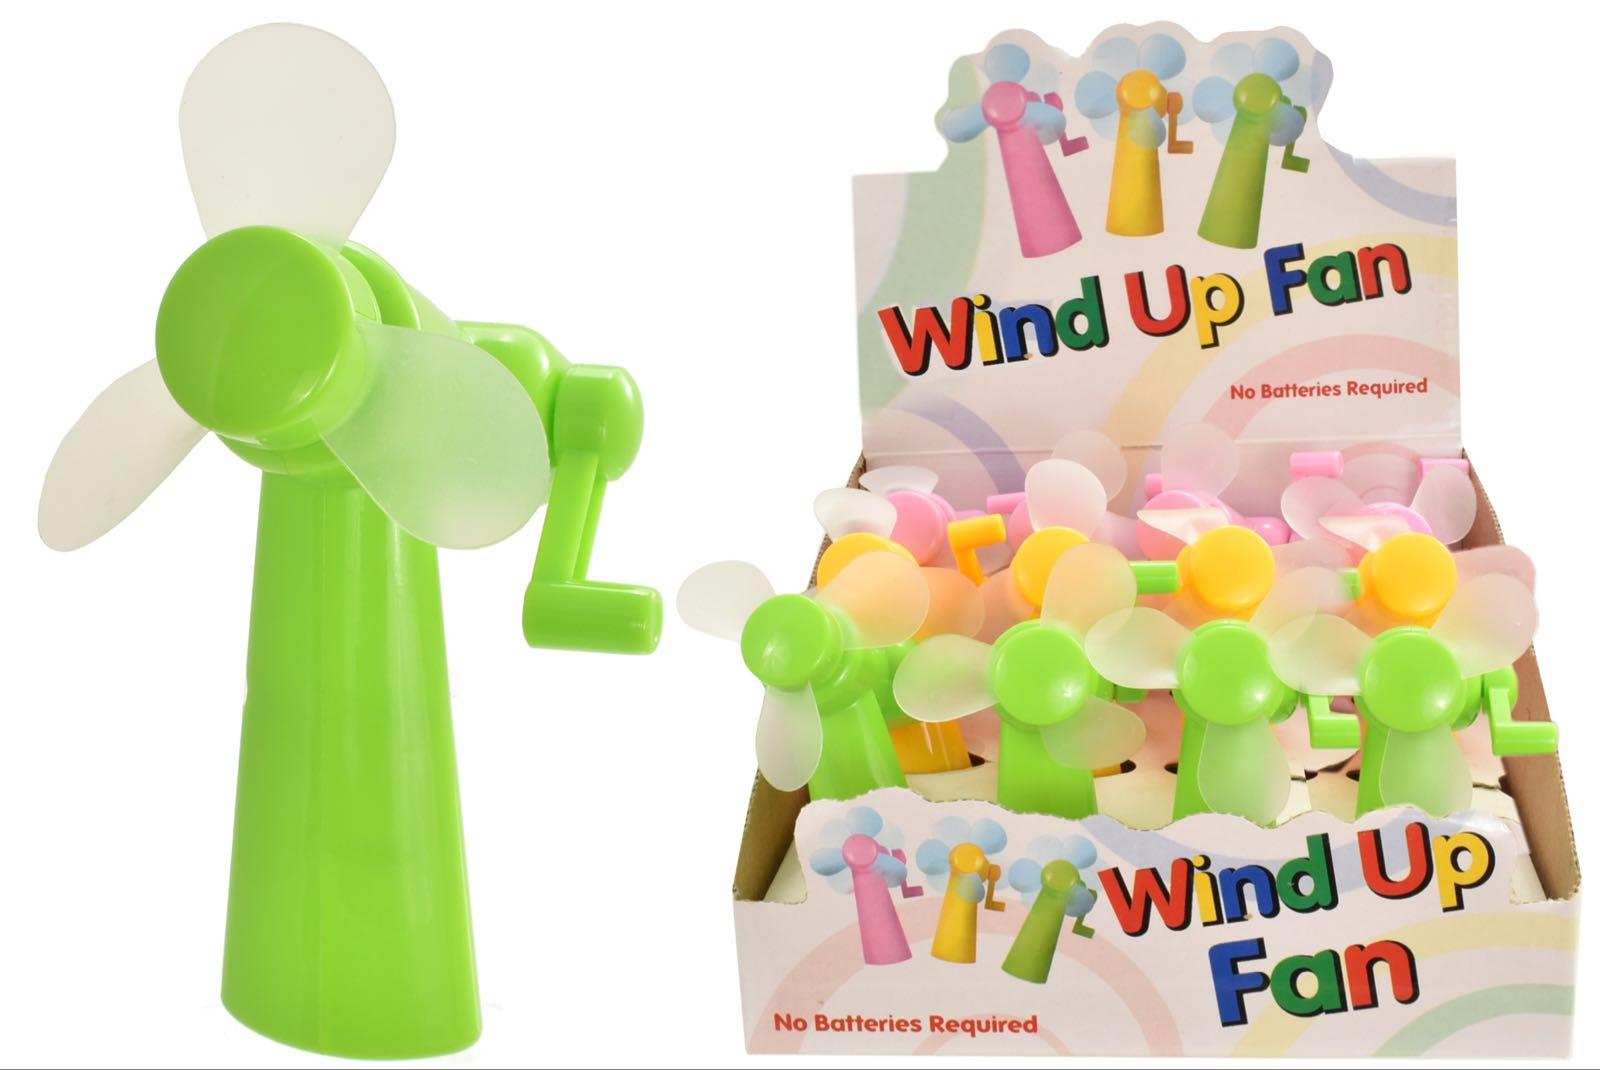 Wind Up Fan